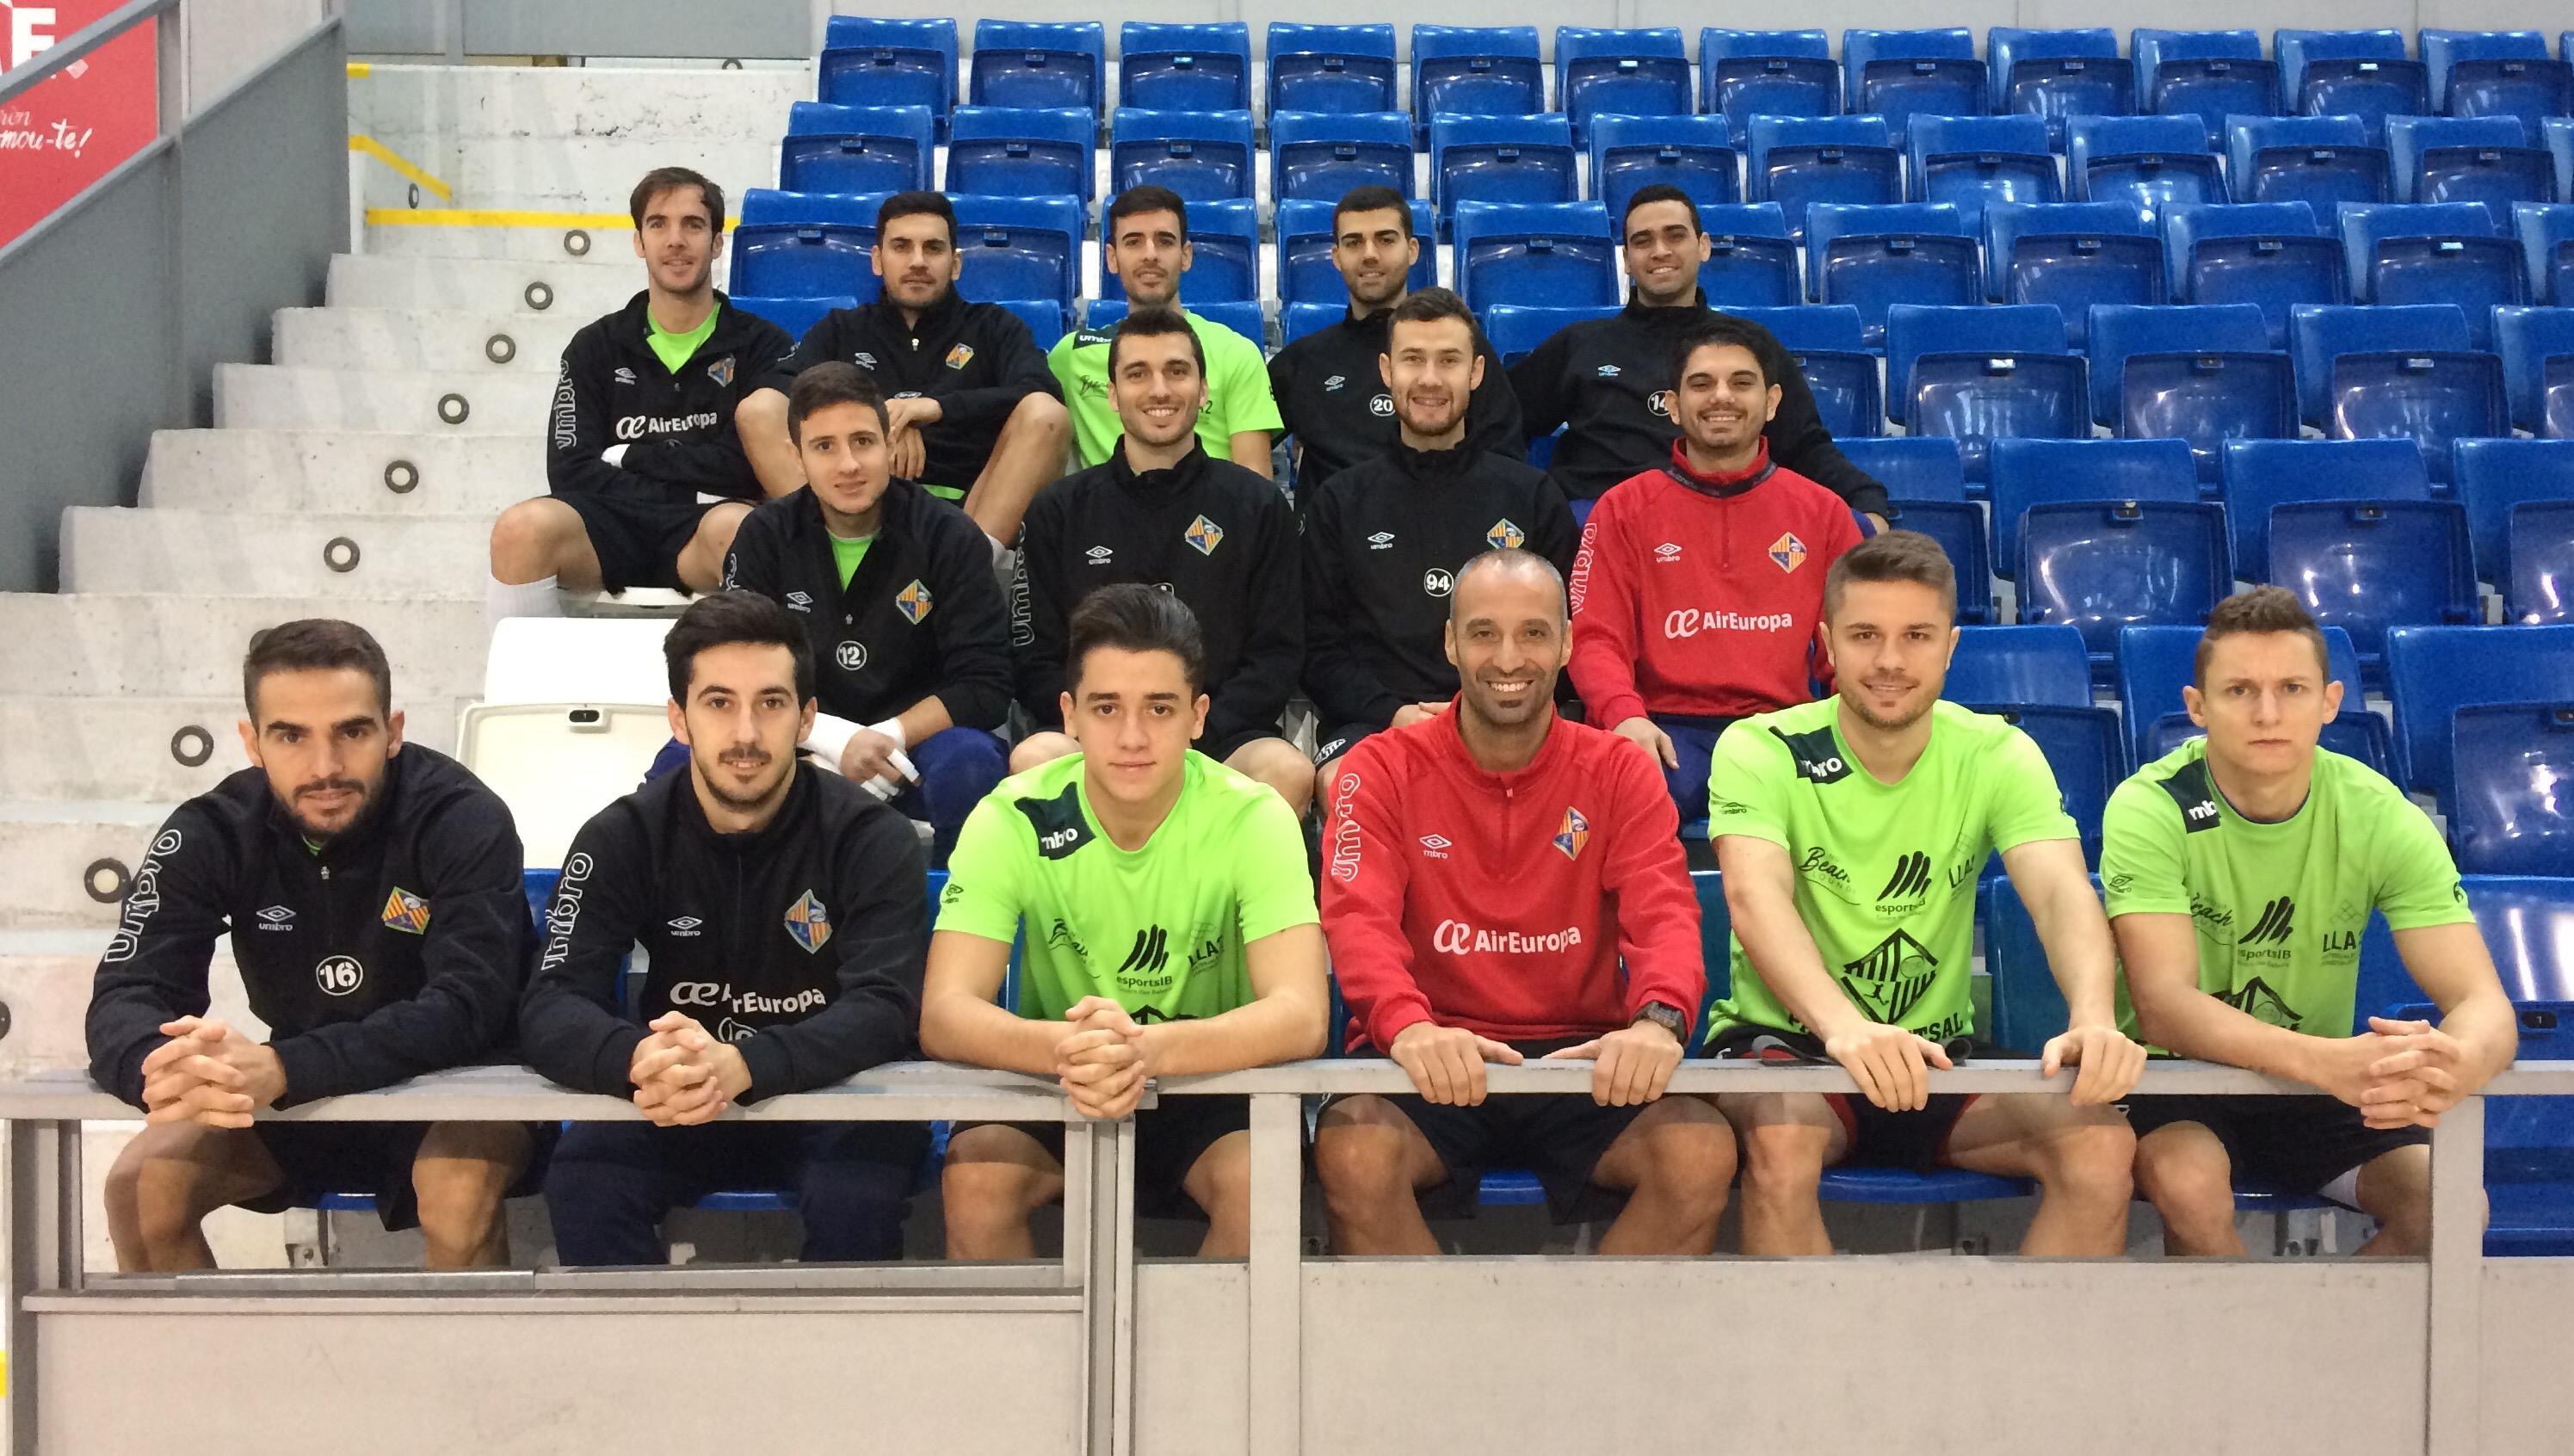 La plantilla del Pala Futsal posa en la grada de Son Moix 1